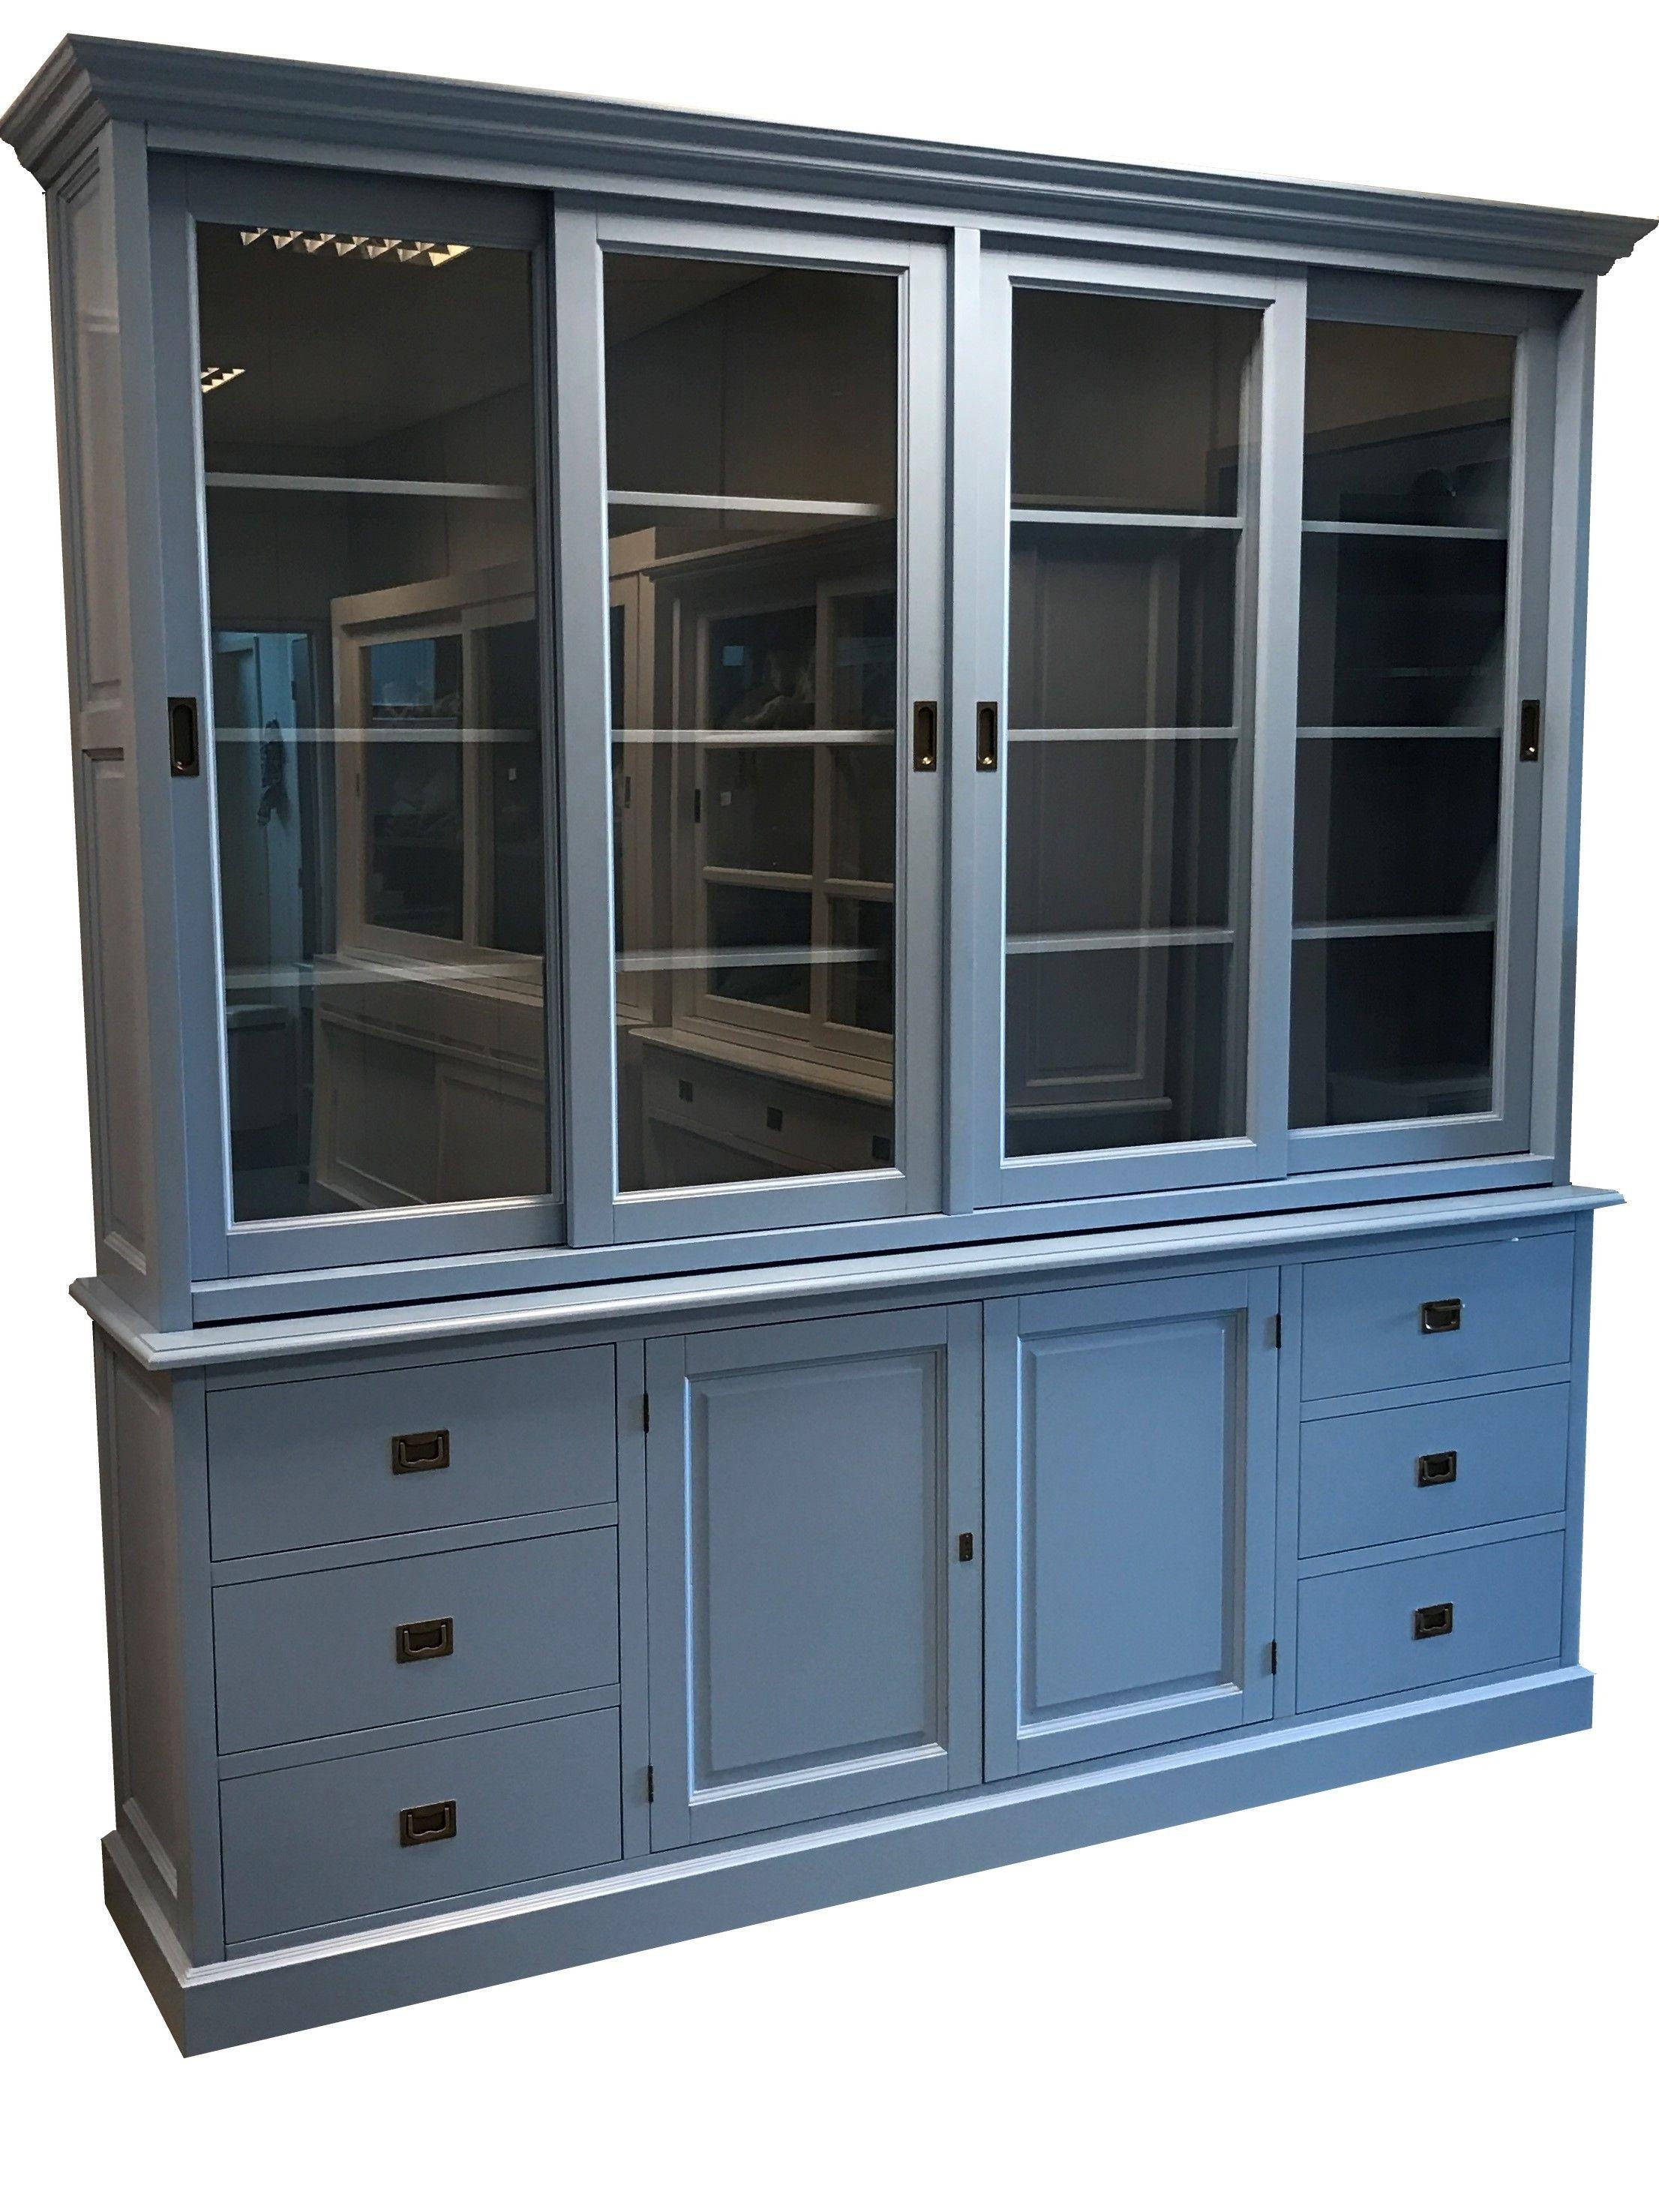 Buffetkast oud blauw Houten 240cm grote sfeervolle kast in oud Engels blauw met luxe soft close laden. Mooie kast in extra hoge uitvoering.